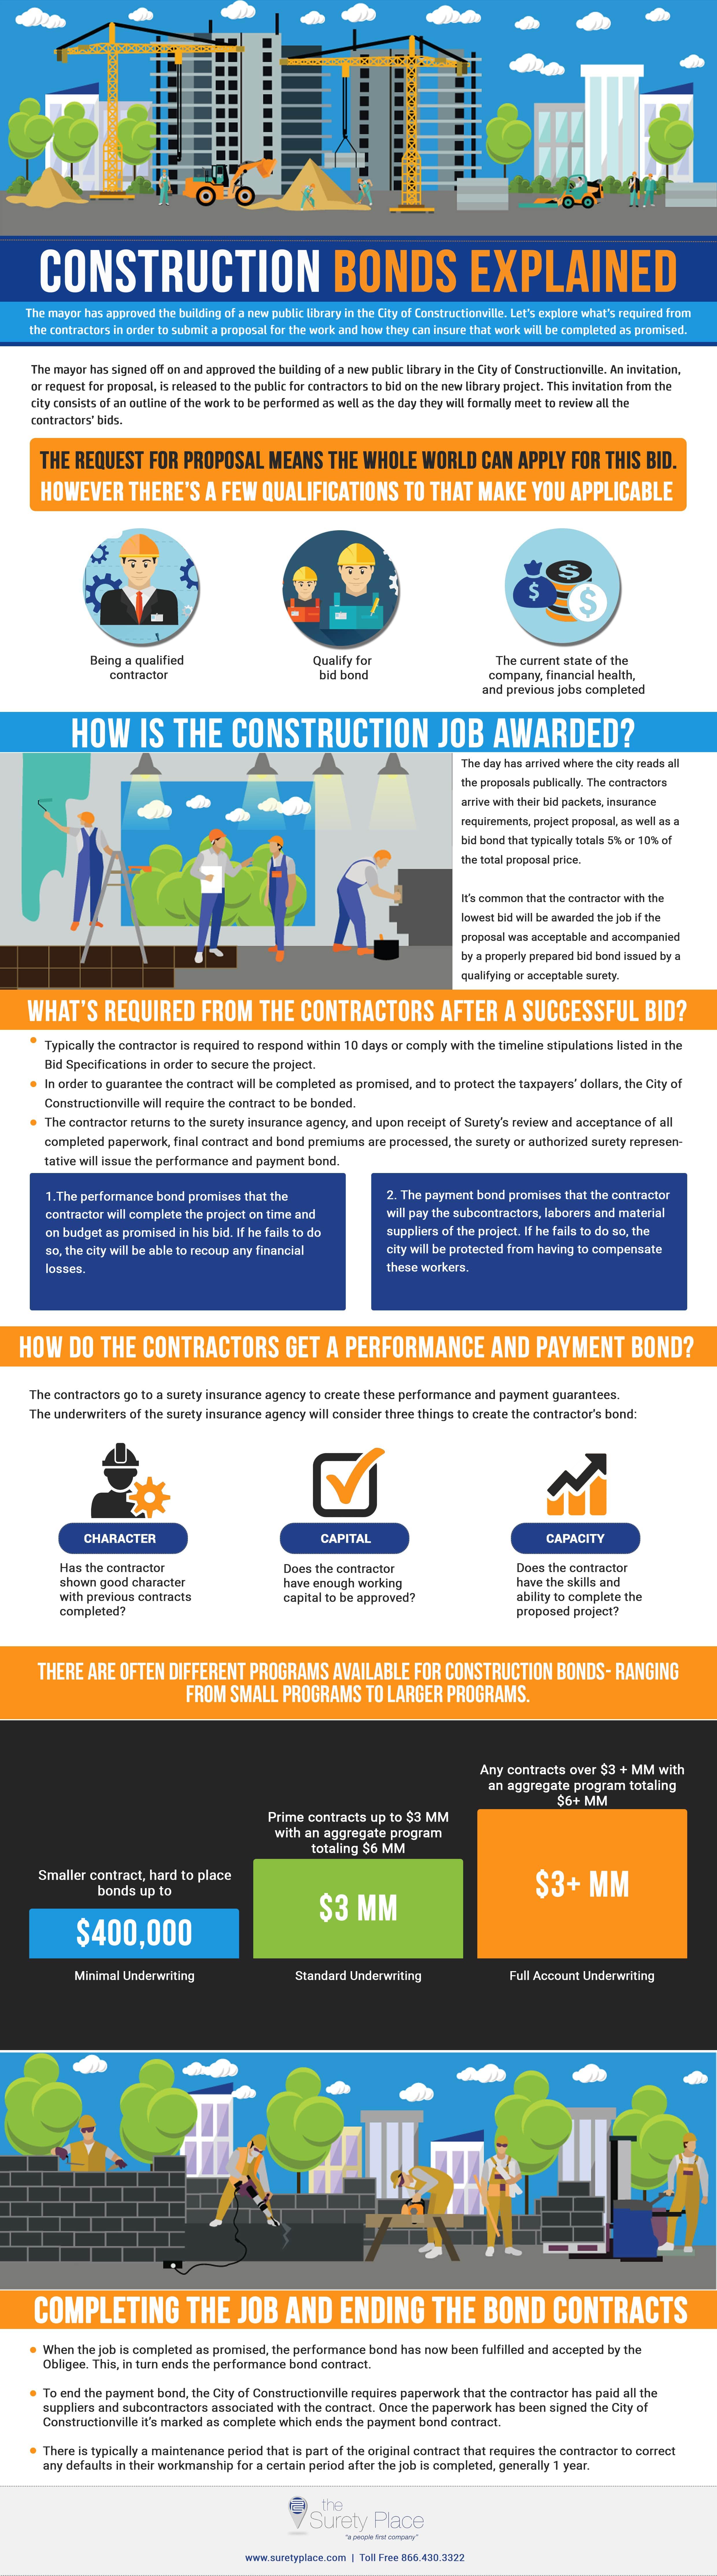 construction bonds explained [infographic]